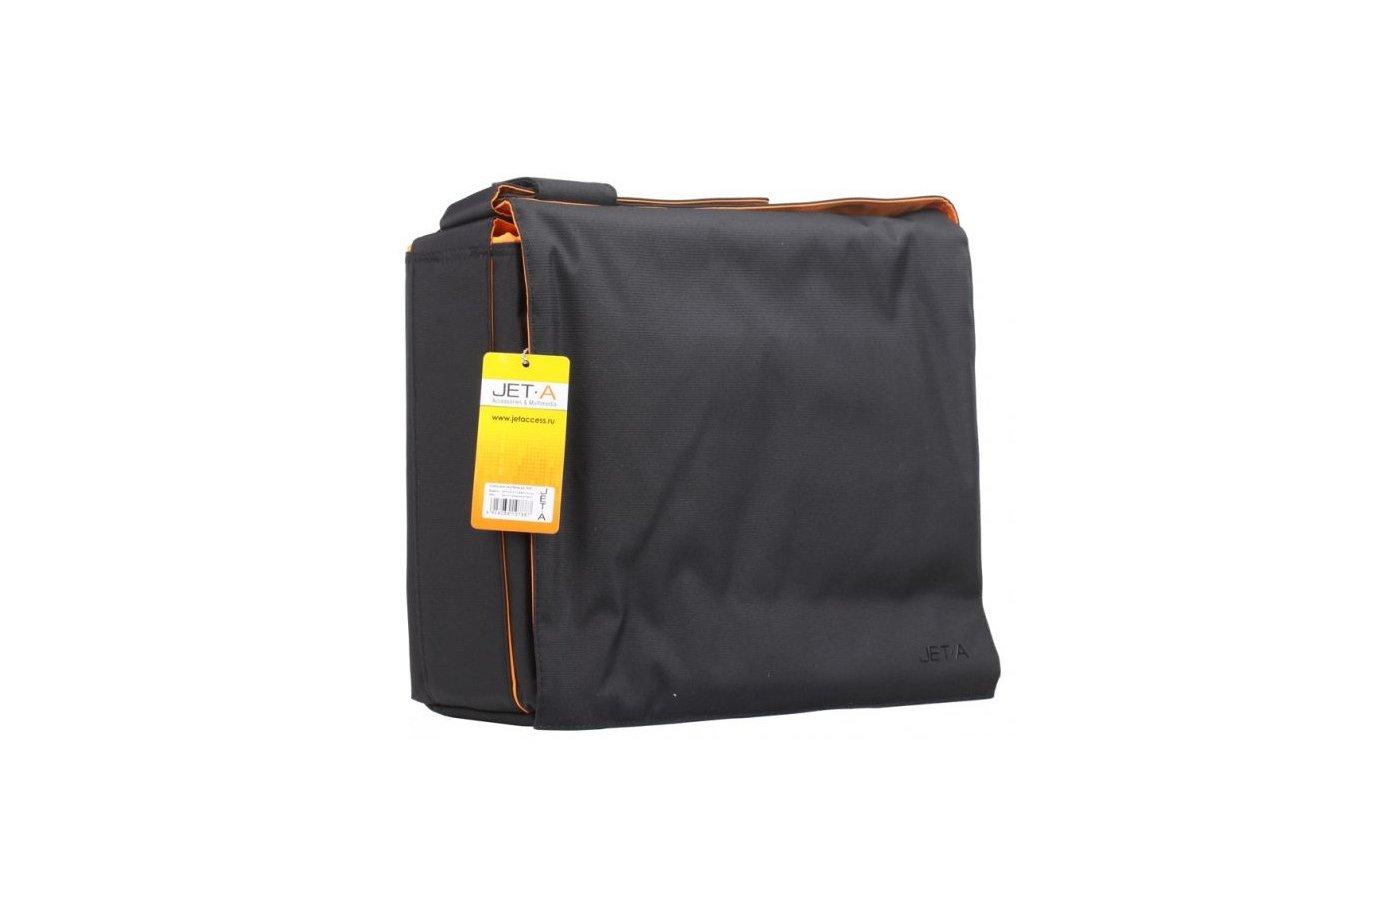 Кейс для ноутбука Jet.A LB15-12 до 15,6 (Черный/оранжевый, качественный Gucci-нейлон, ремень с изменением длины, SIZE